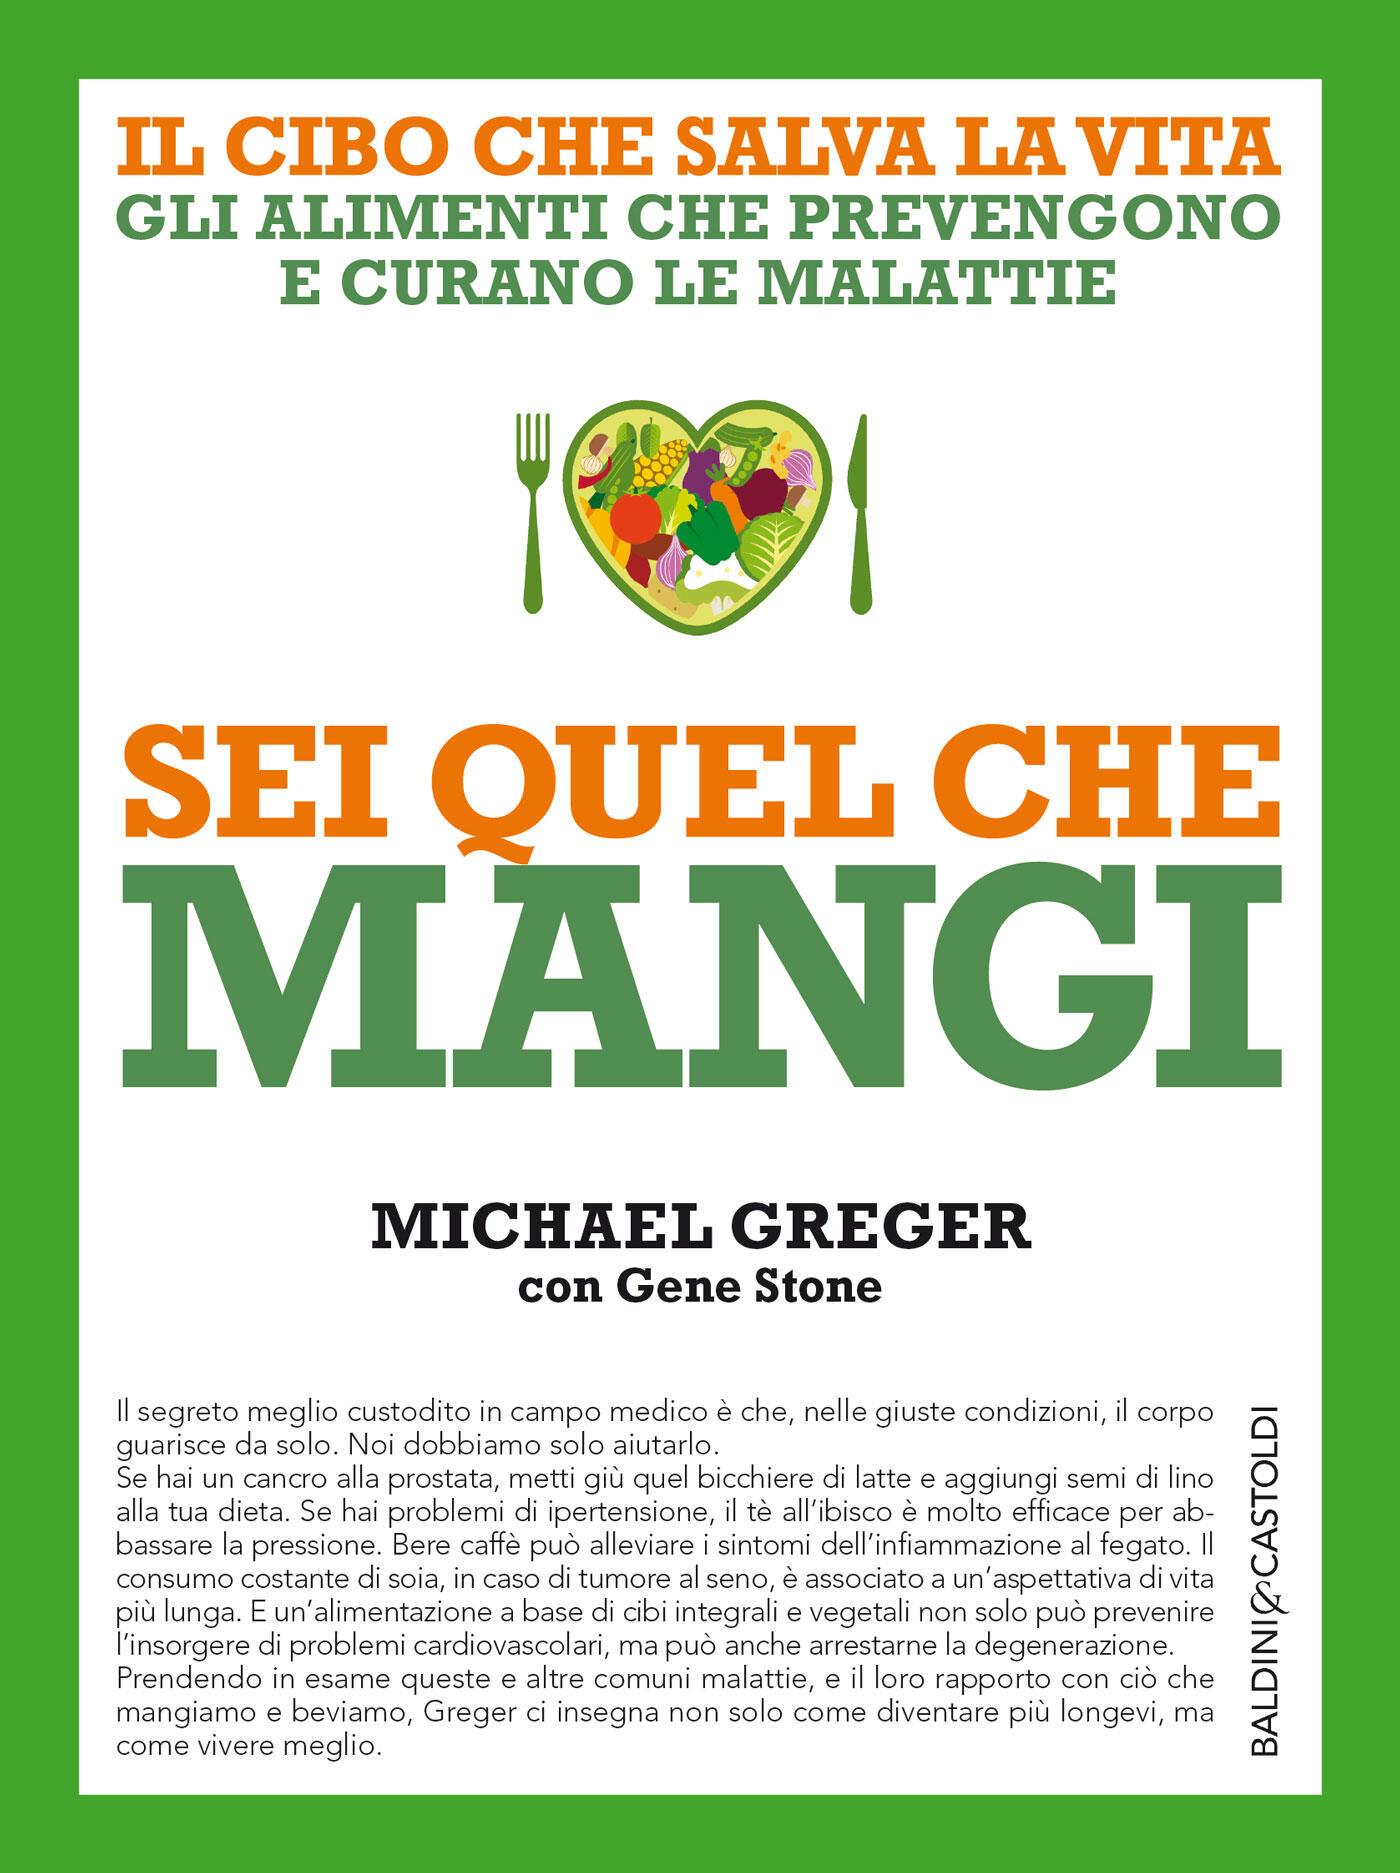 Il Cibo Che Salva La Vita  Greger, Michael  Stone, Gene  Ebook  Epub   Ibs